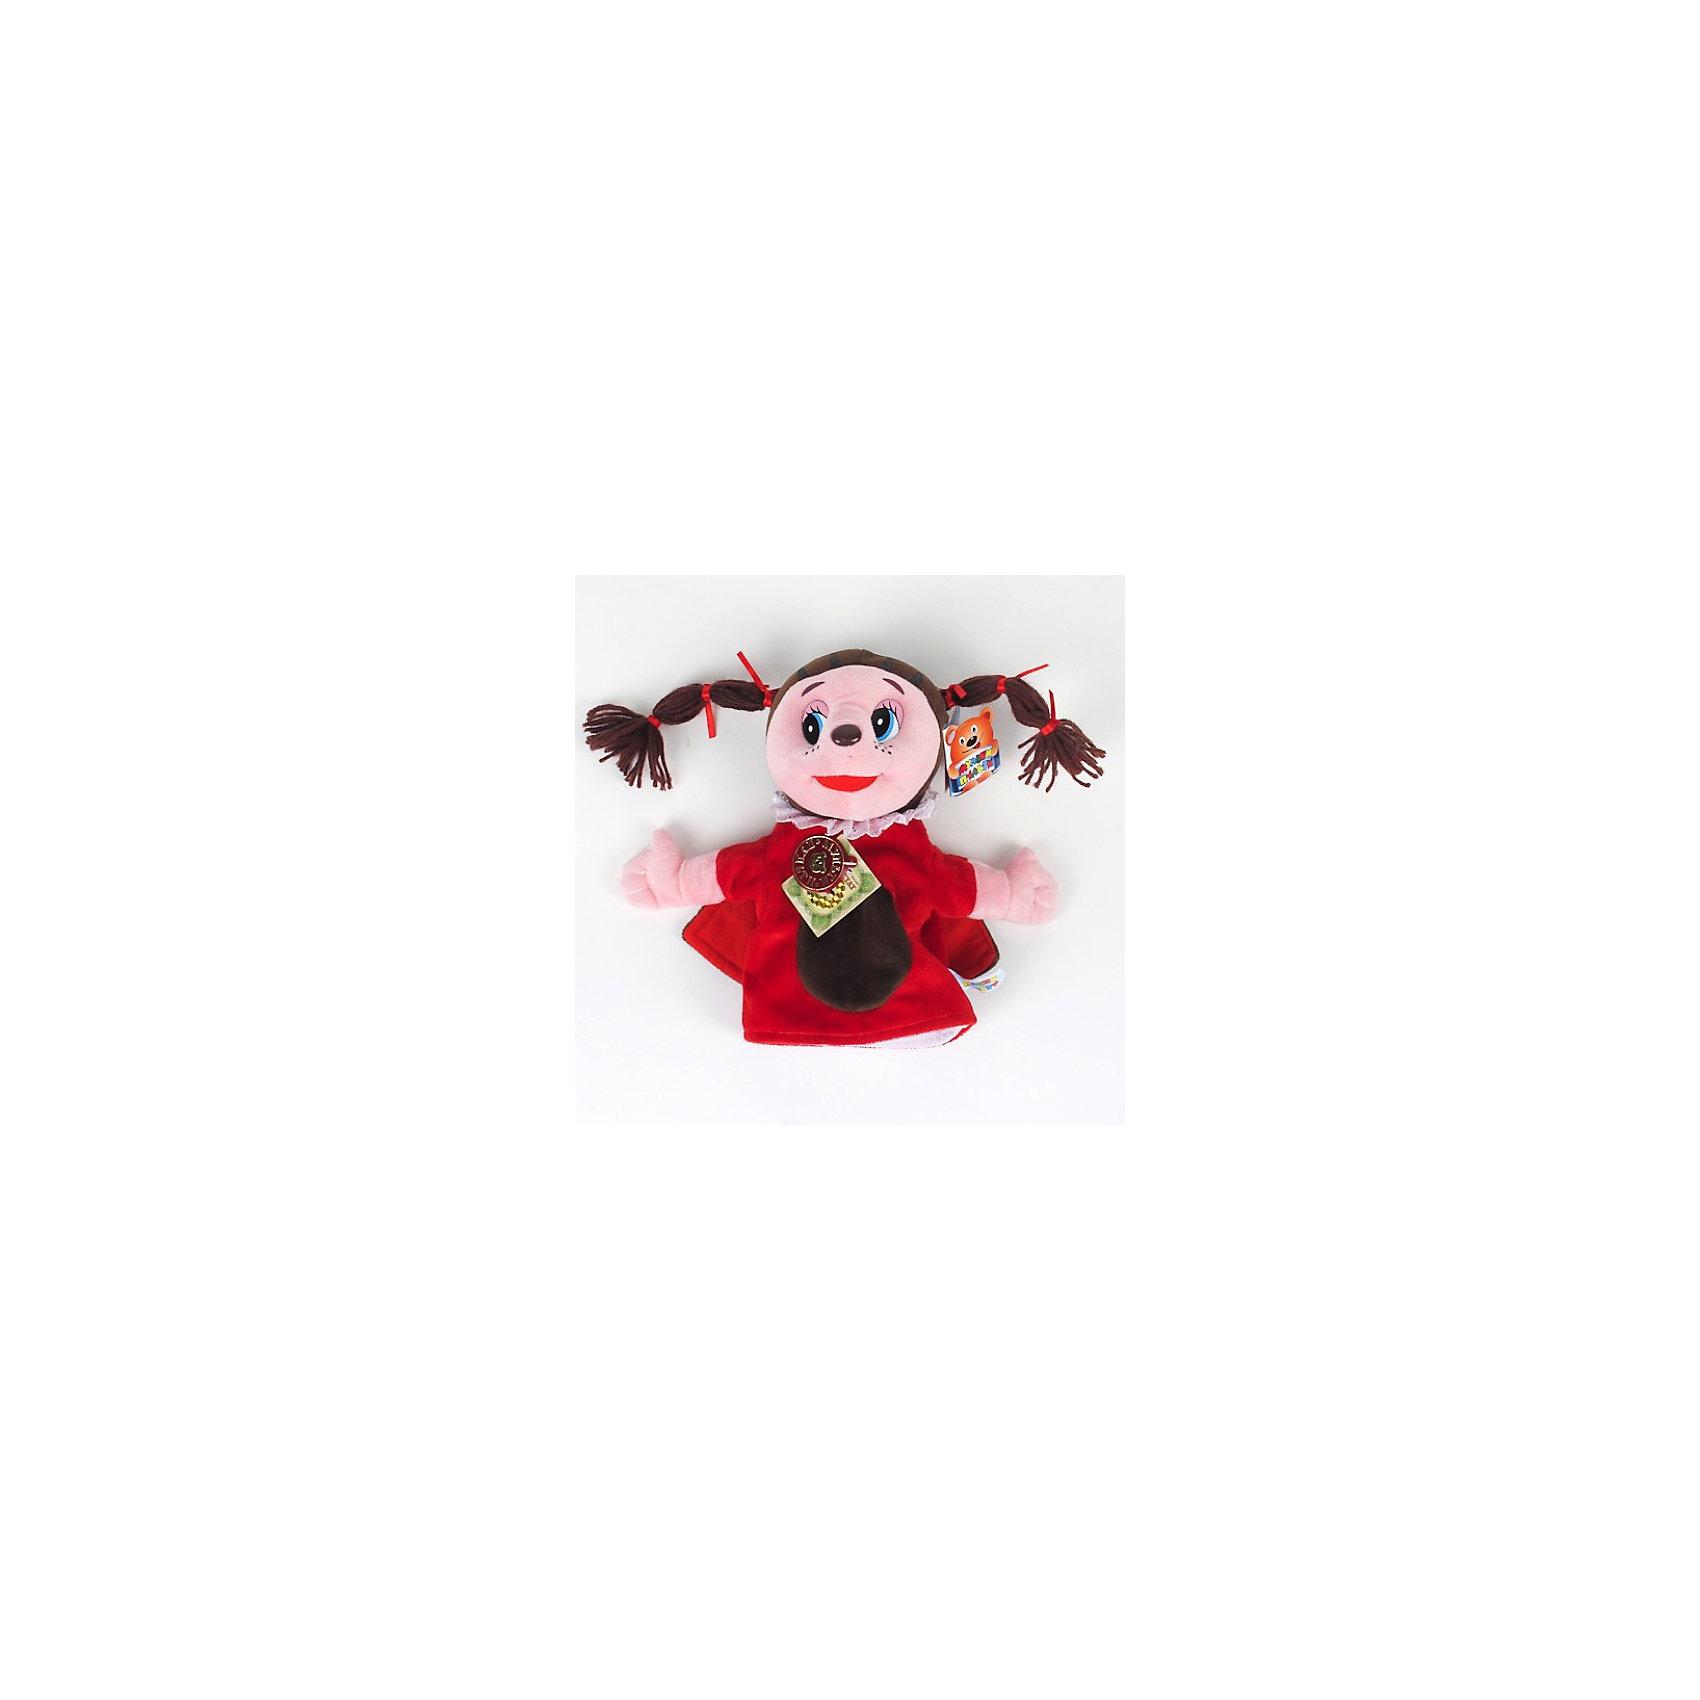 МУЛЬТИ-ПУЛЬТИ Кукла на руку Божья коровка Мила, 25 см, Лунтик, МУЛЬТИ-ПУЛЬТИ фигурки игрушки prostotoys пупсень серия лунтик и его друзья